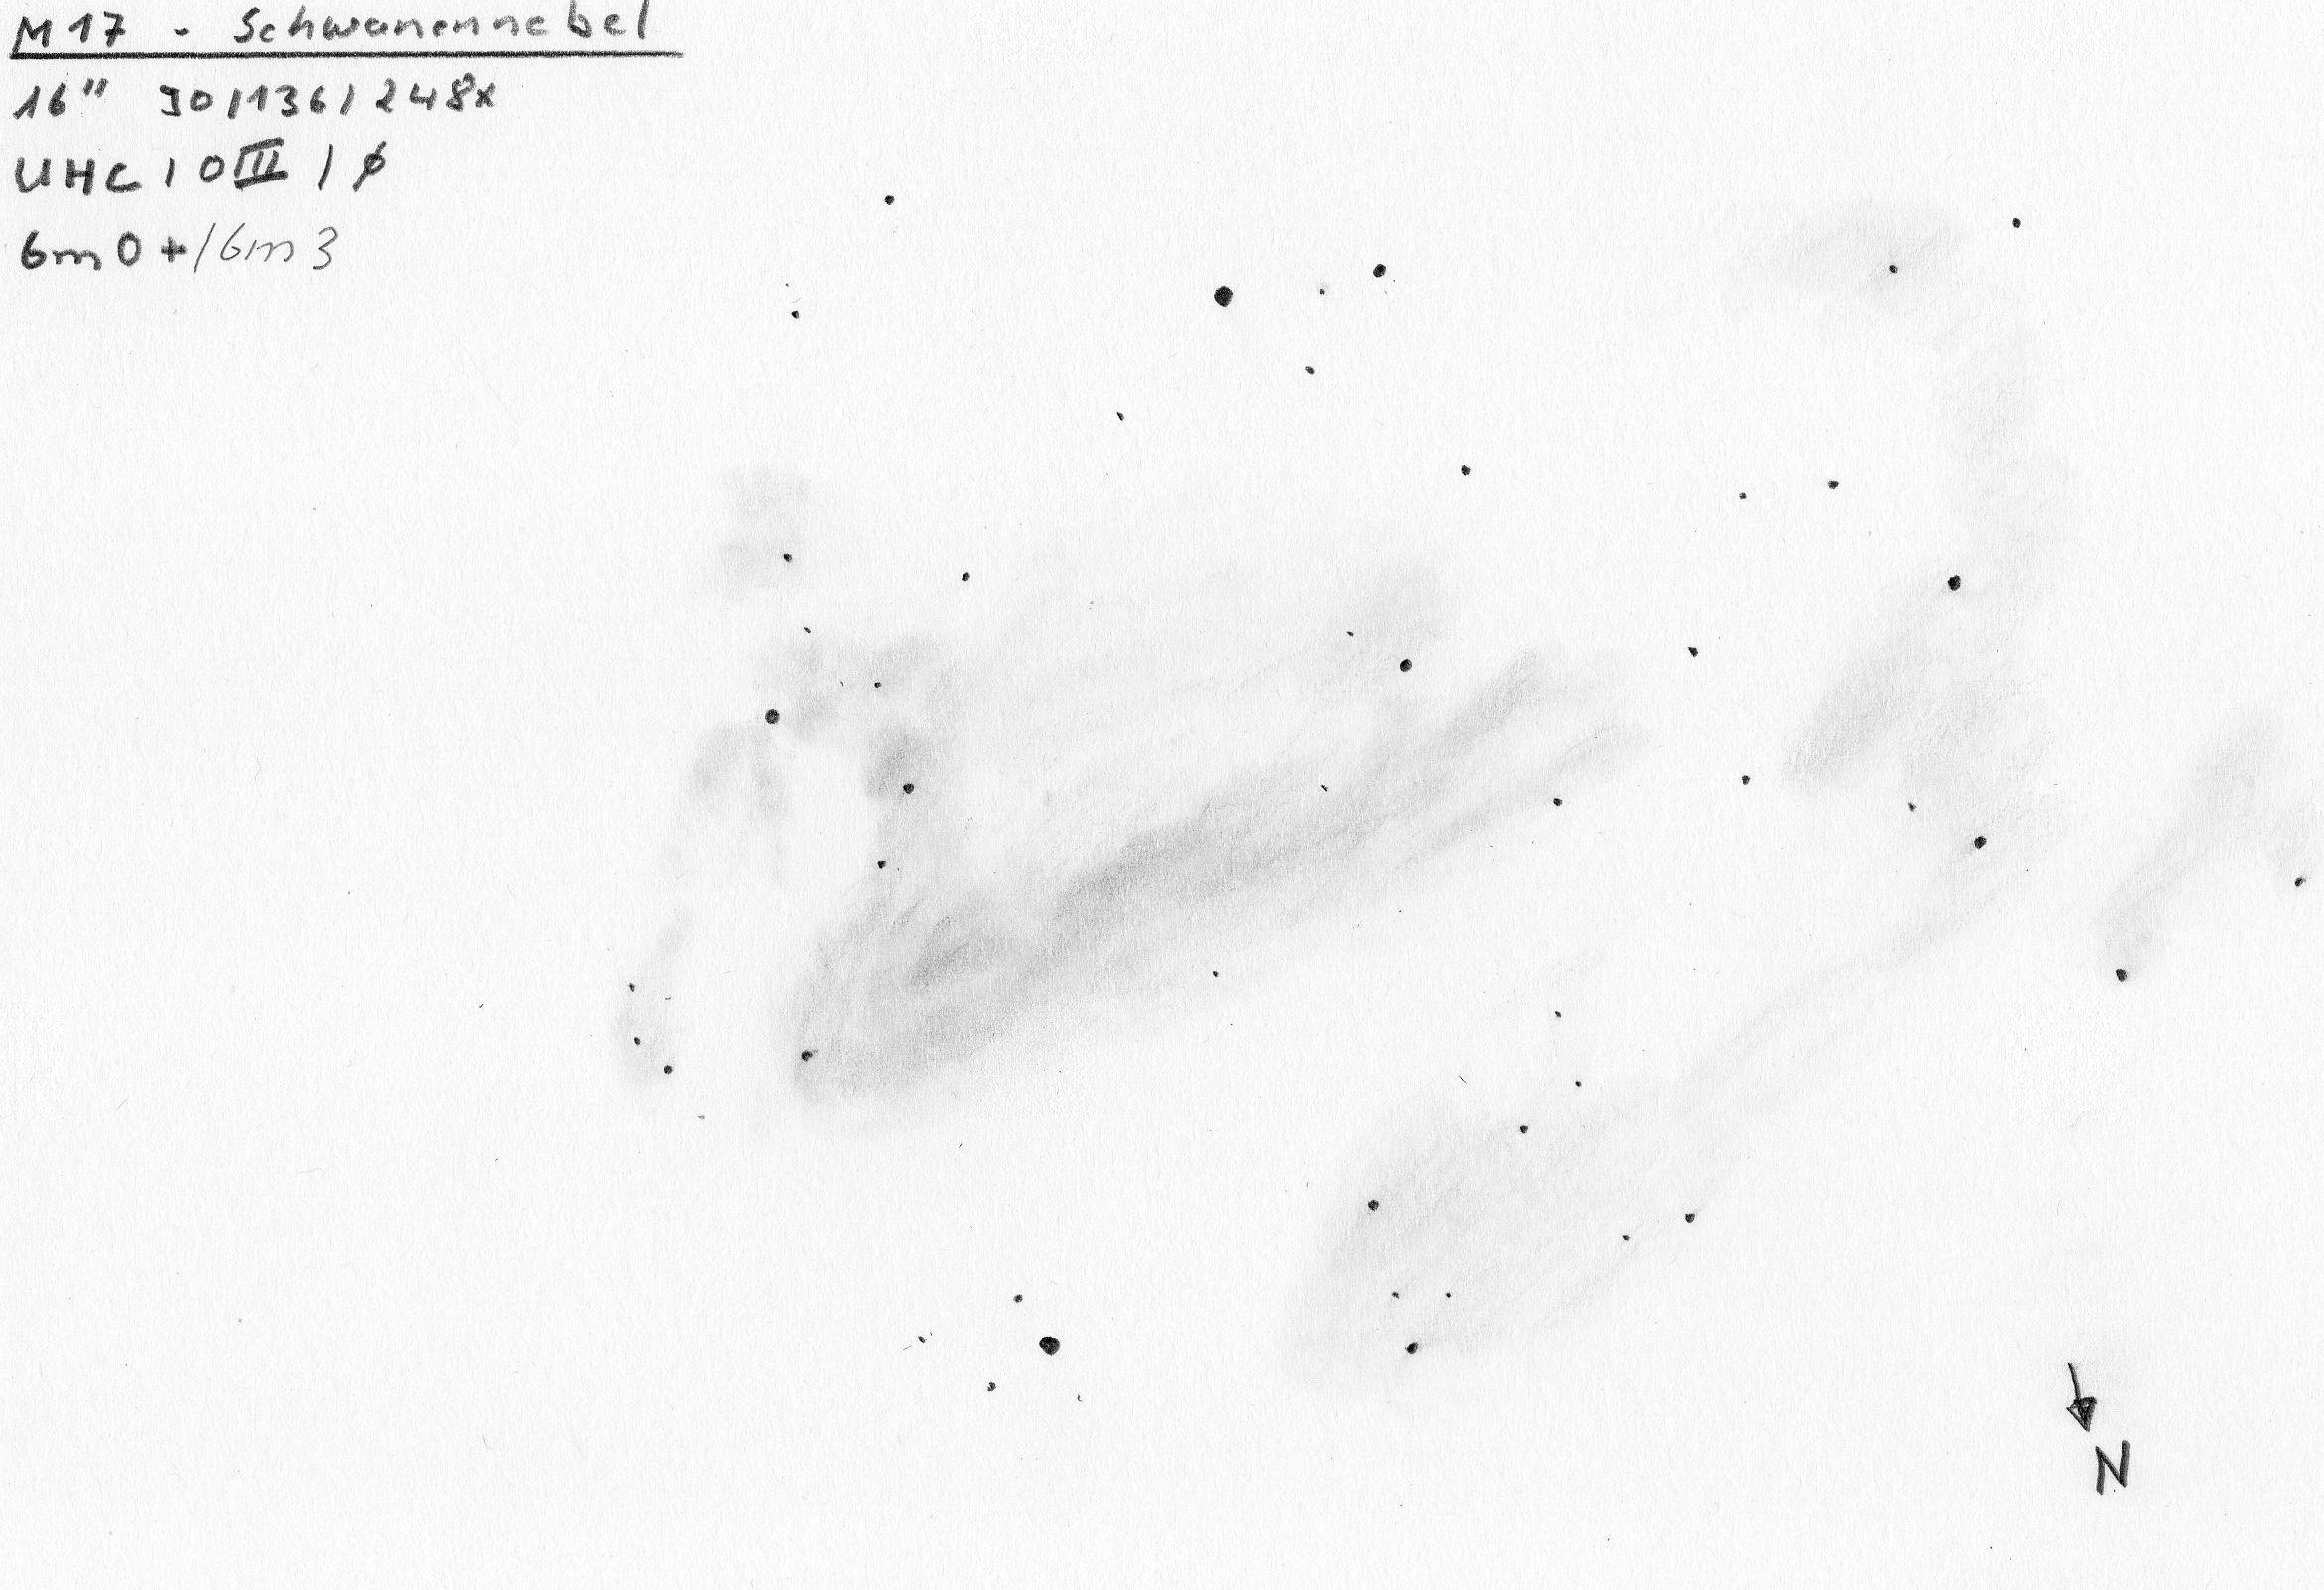 VCSE - Mai kép - Messier 17 - Hans-jürgen Merk